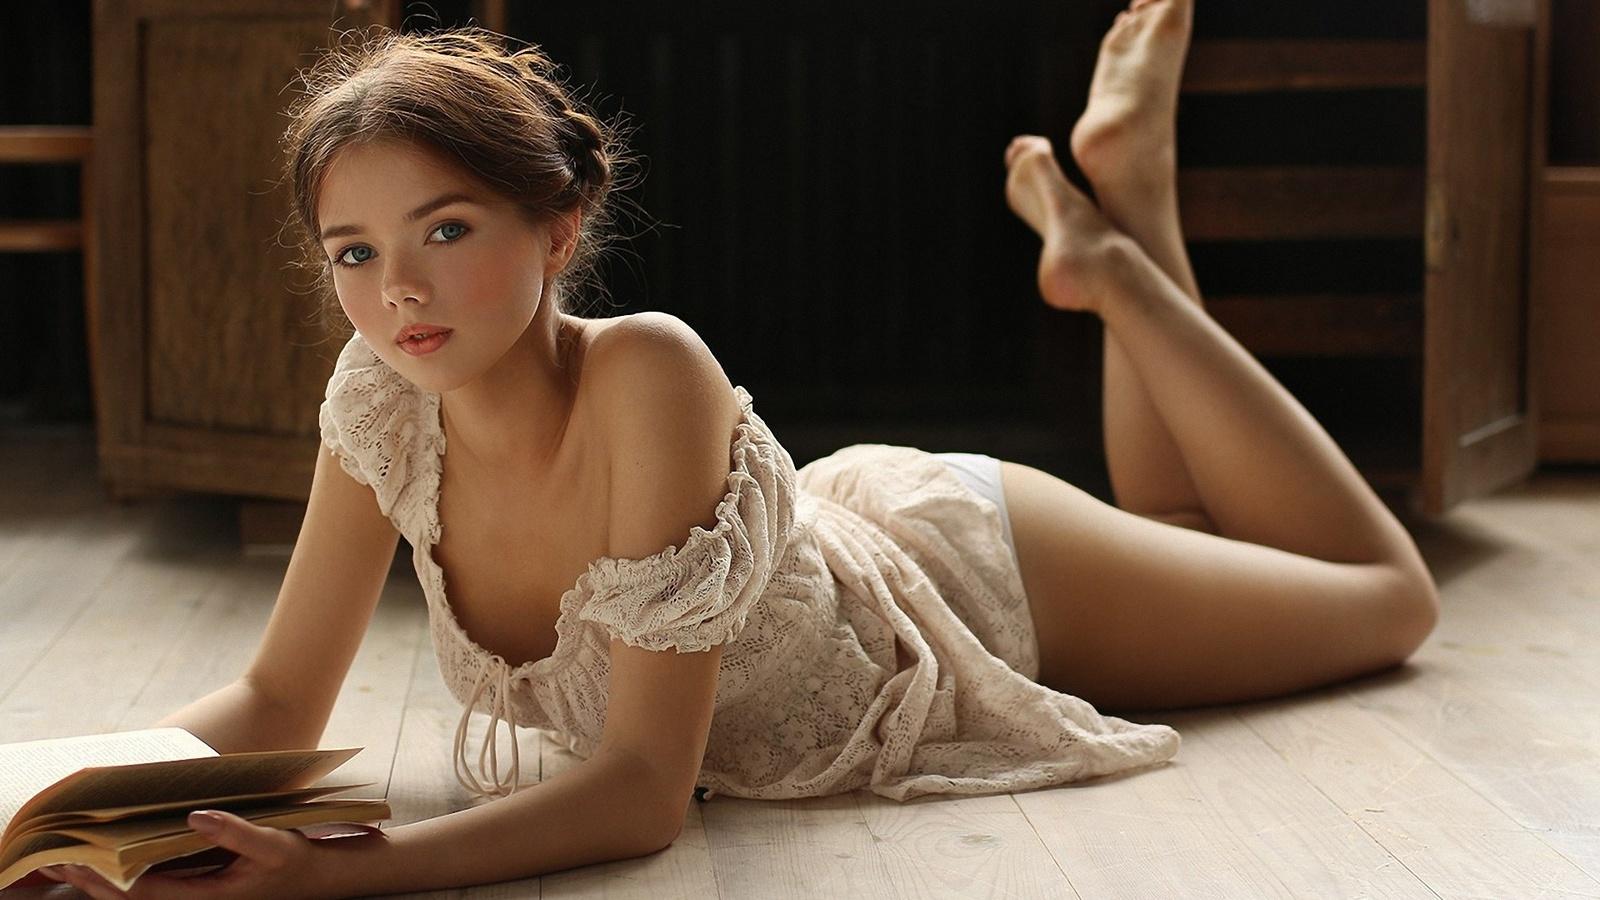 Юных девочек трахают в попку, #Солевая-3: Пьяную 17-летнюю студентку несколько 23 фотография